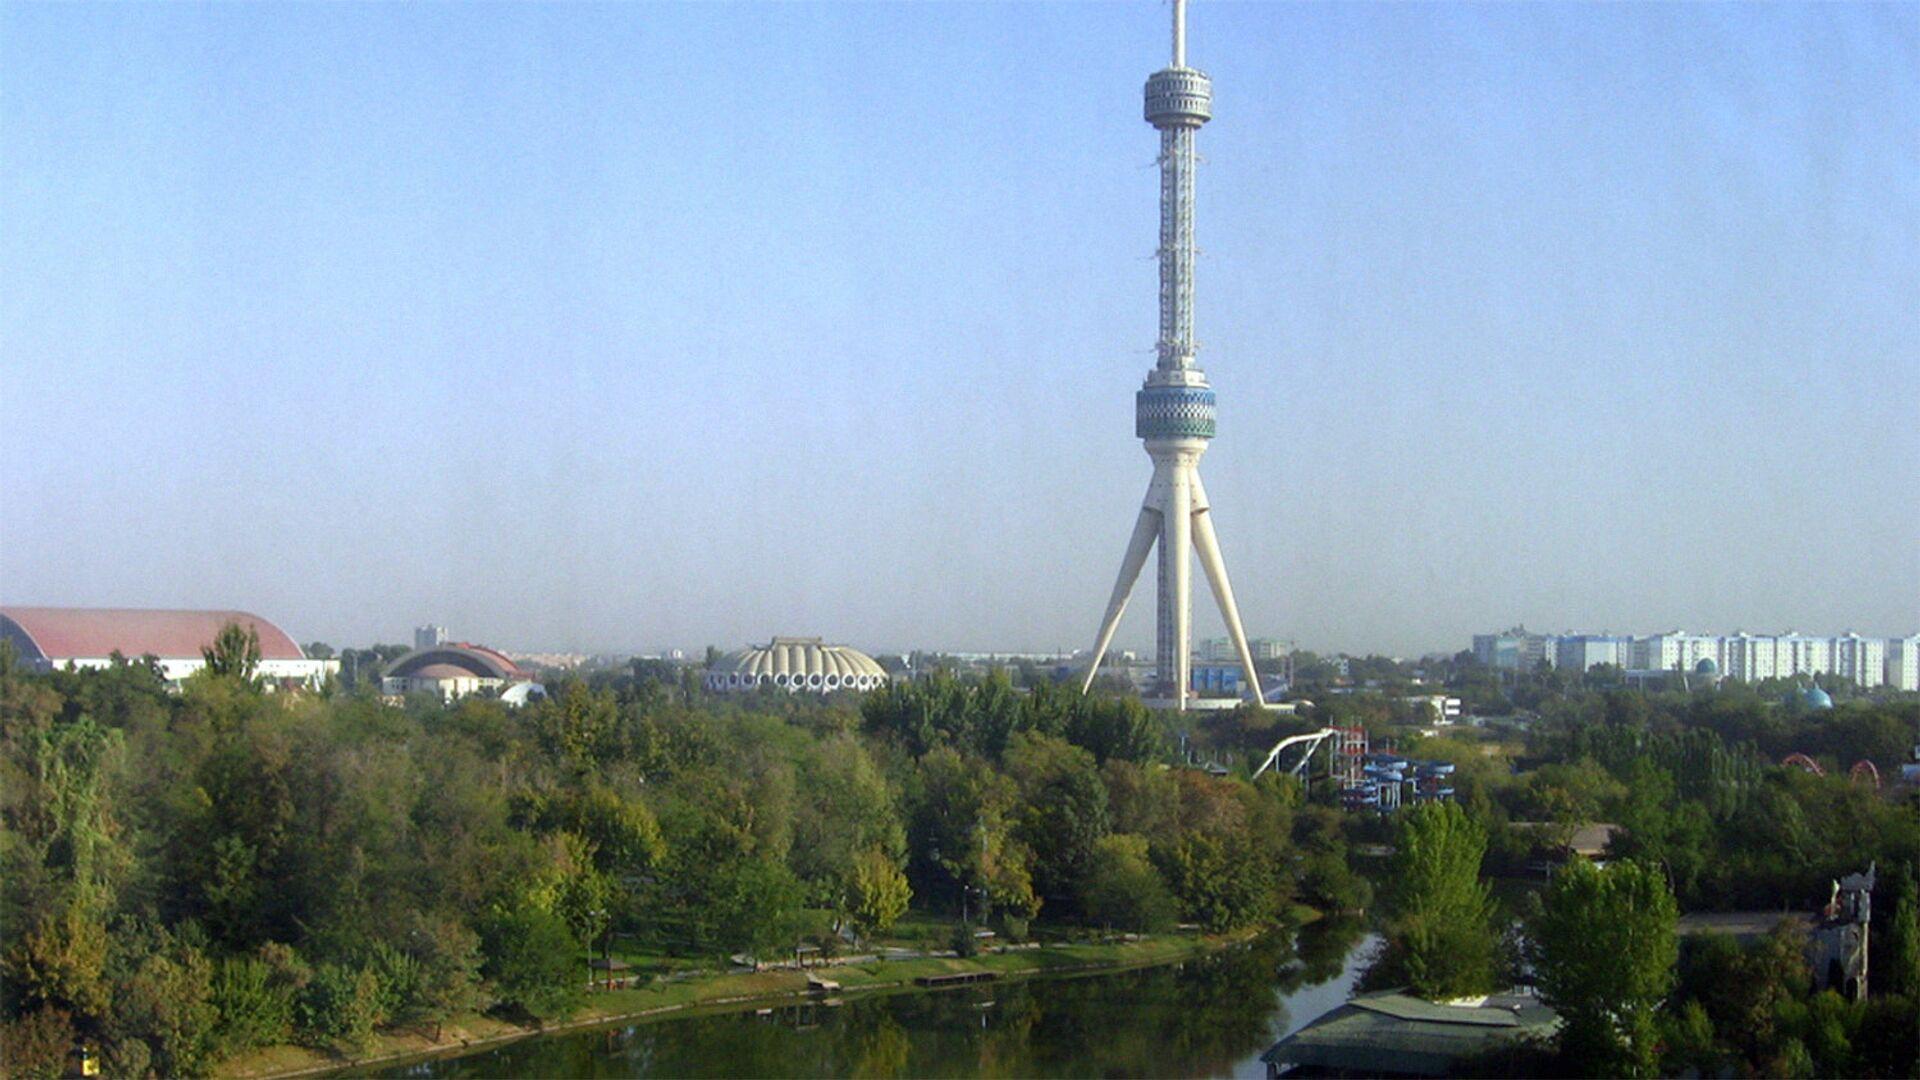 Вид на телебашню в Ташкенте - Sputnik Узбекистан, 1920, 18.09.2021